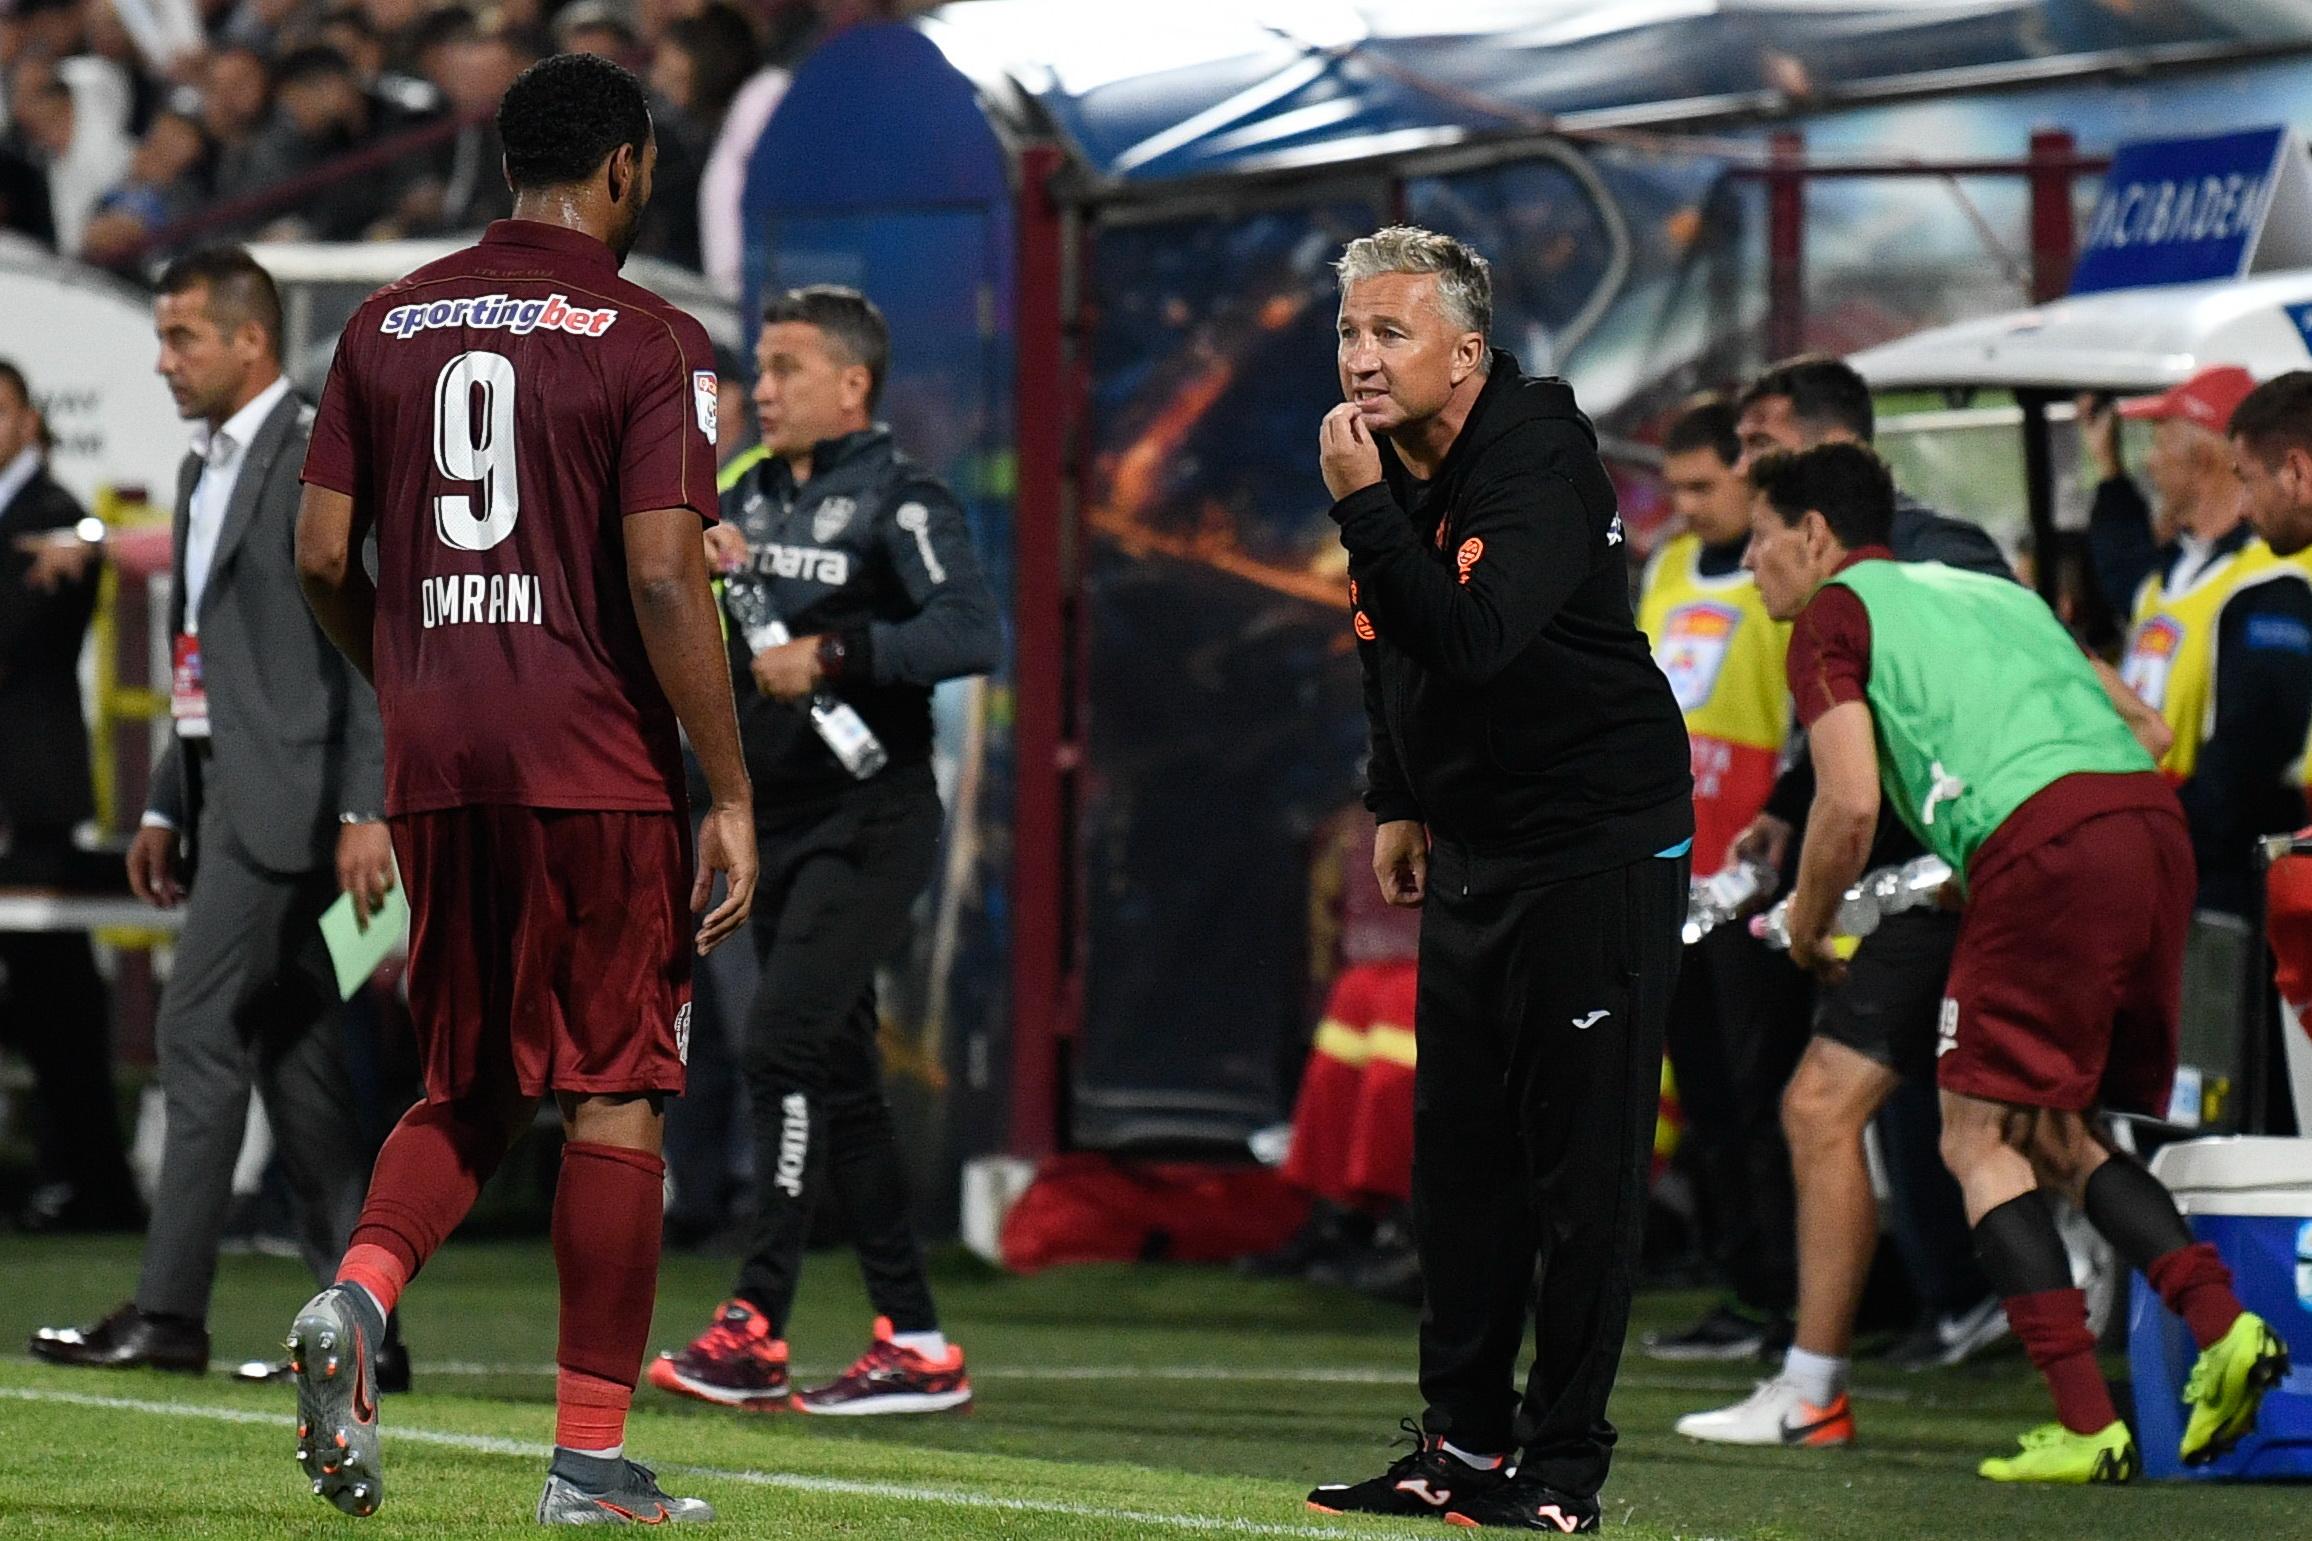 CFR Cluj are un program infernal: 6 meciuri în 16 zile! Li s-a refuzat amânarea meciului de Cupă. EXCLUSIV